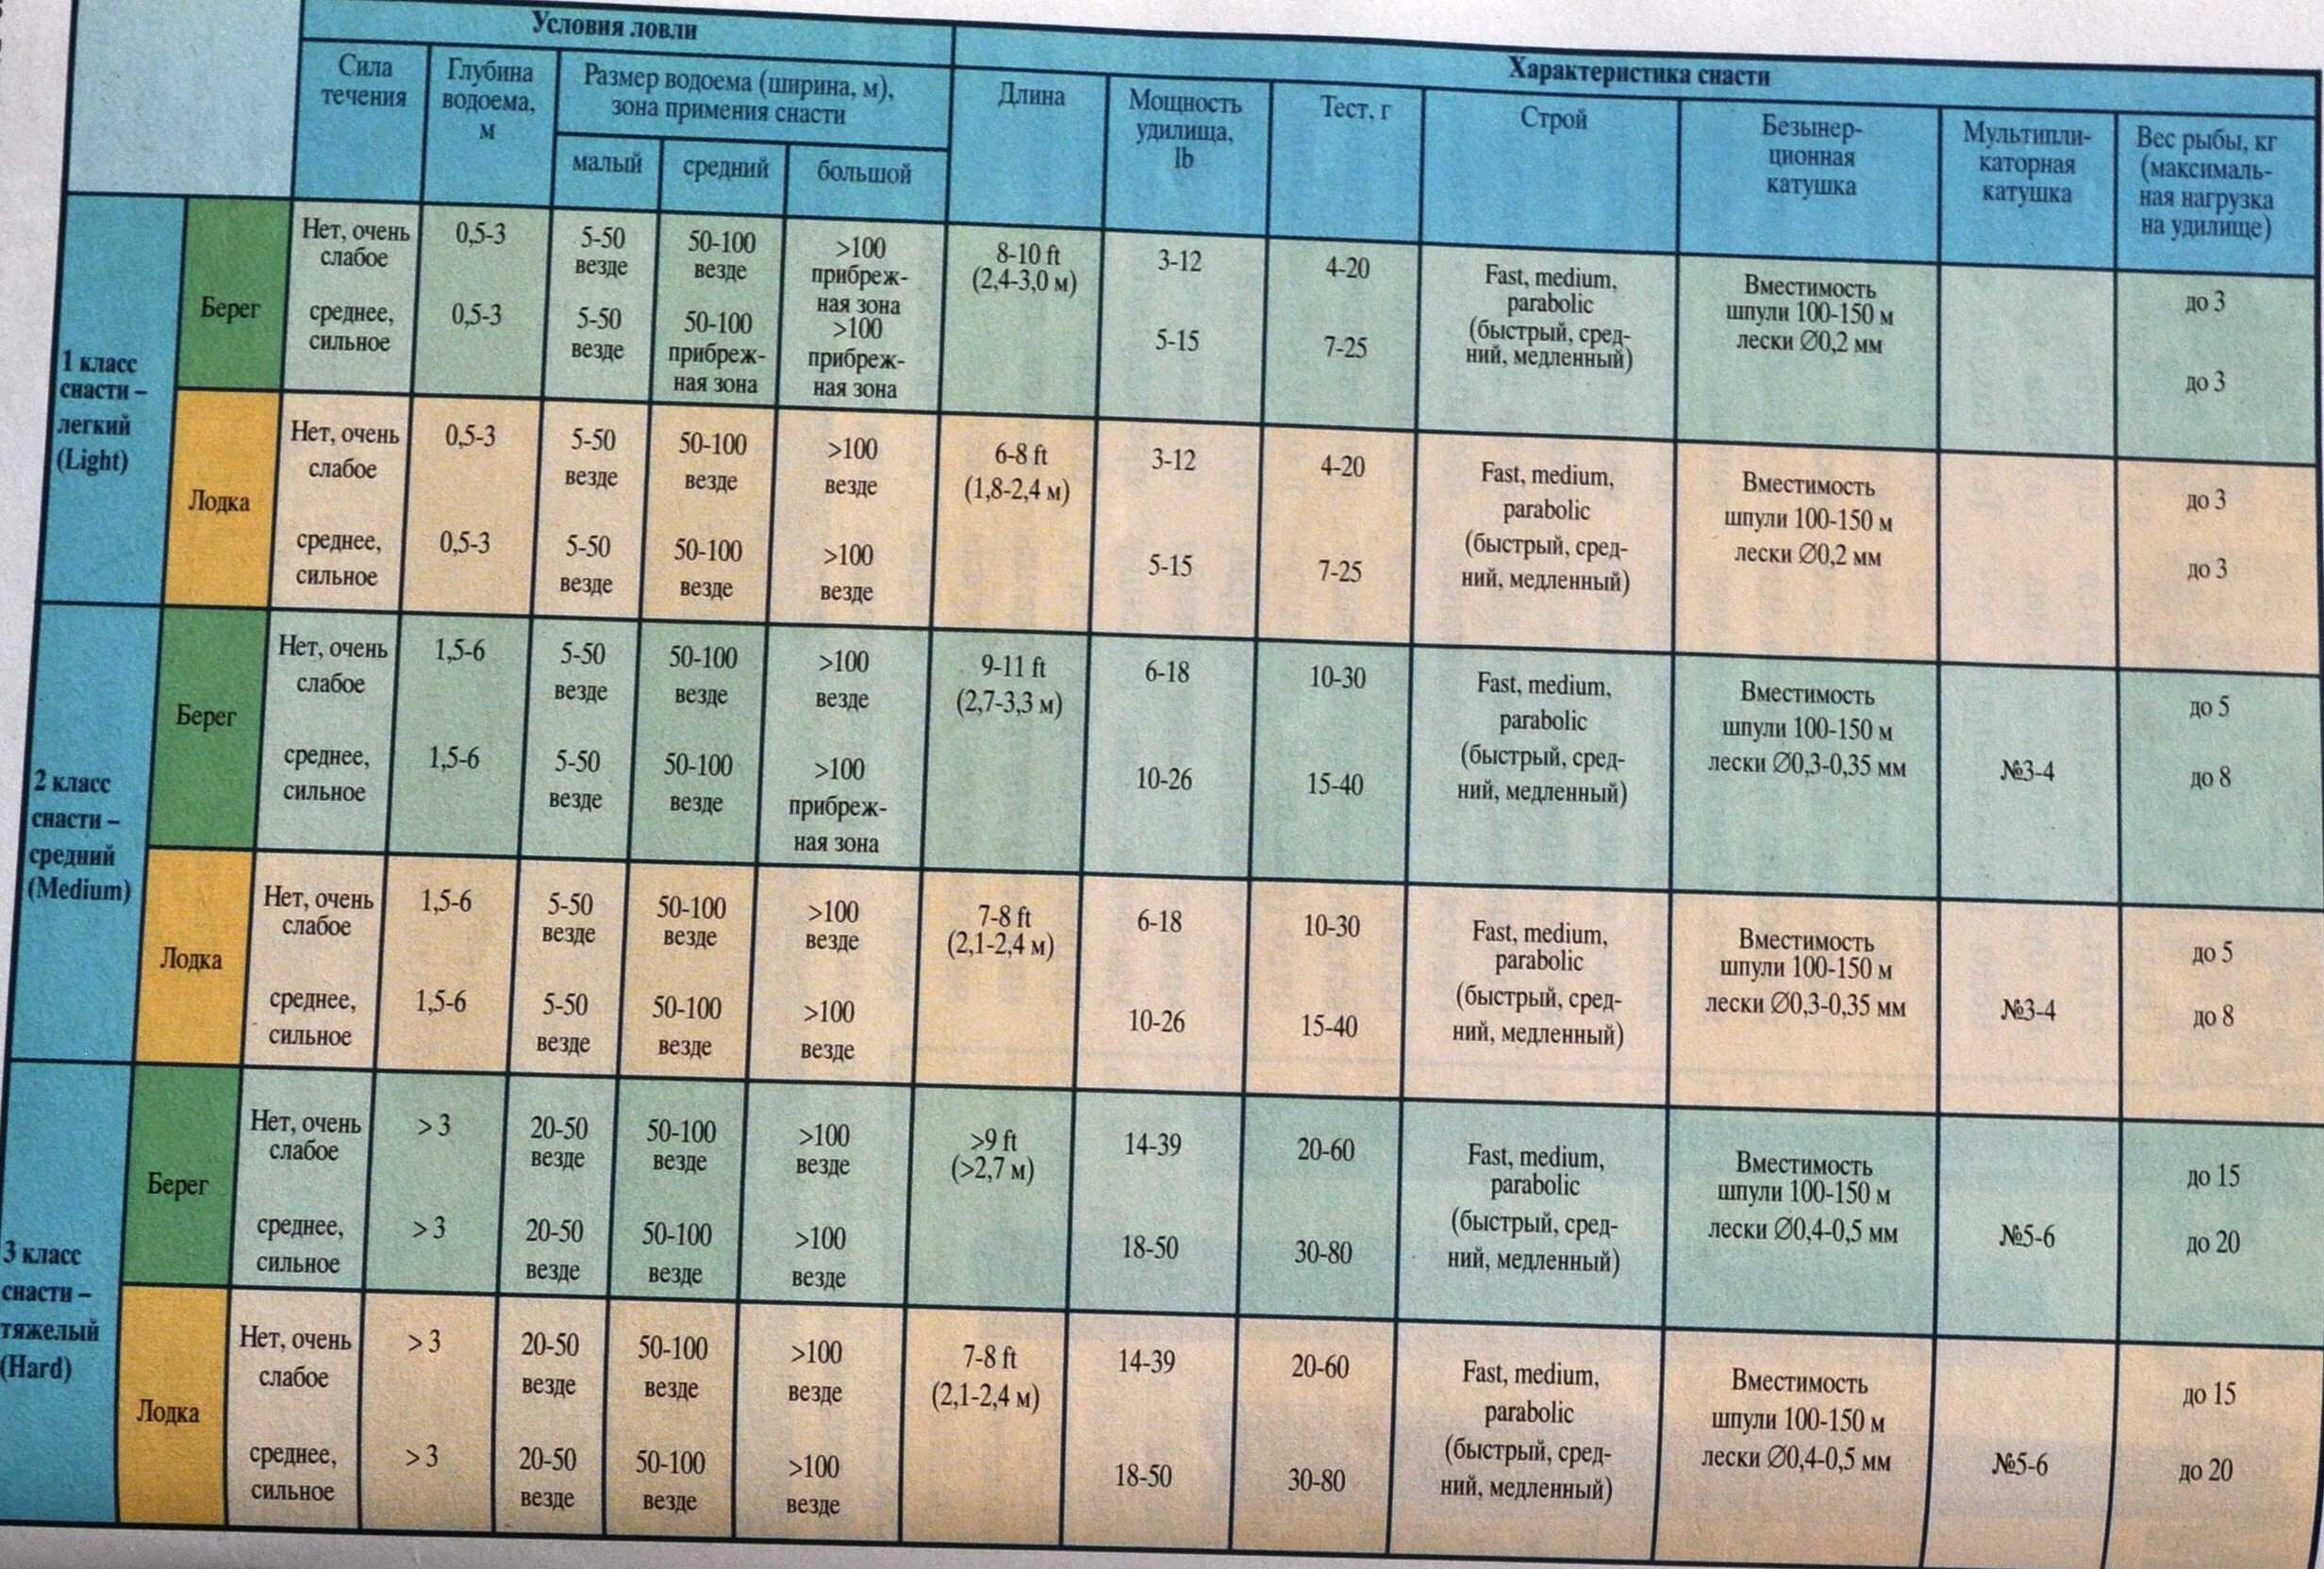 В статье представлена информация на счет того как правильно выбрать катушку для спиннинга Вы узнаете на какой вариант лучше всего ловить щуку